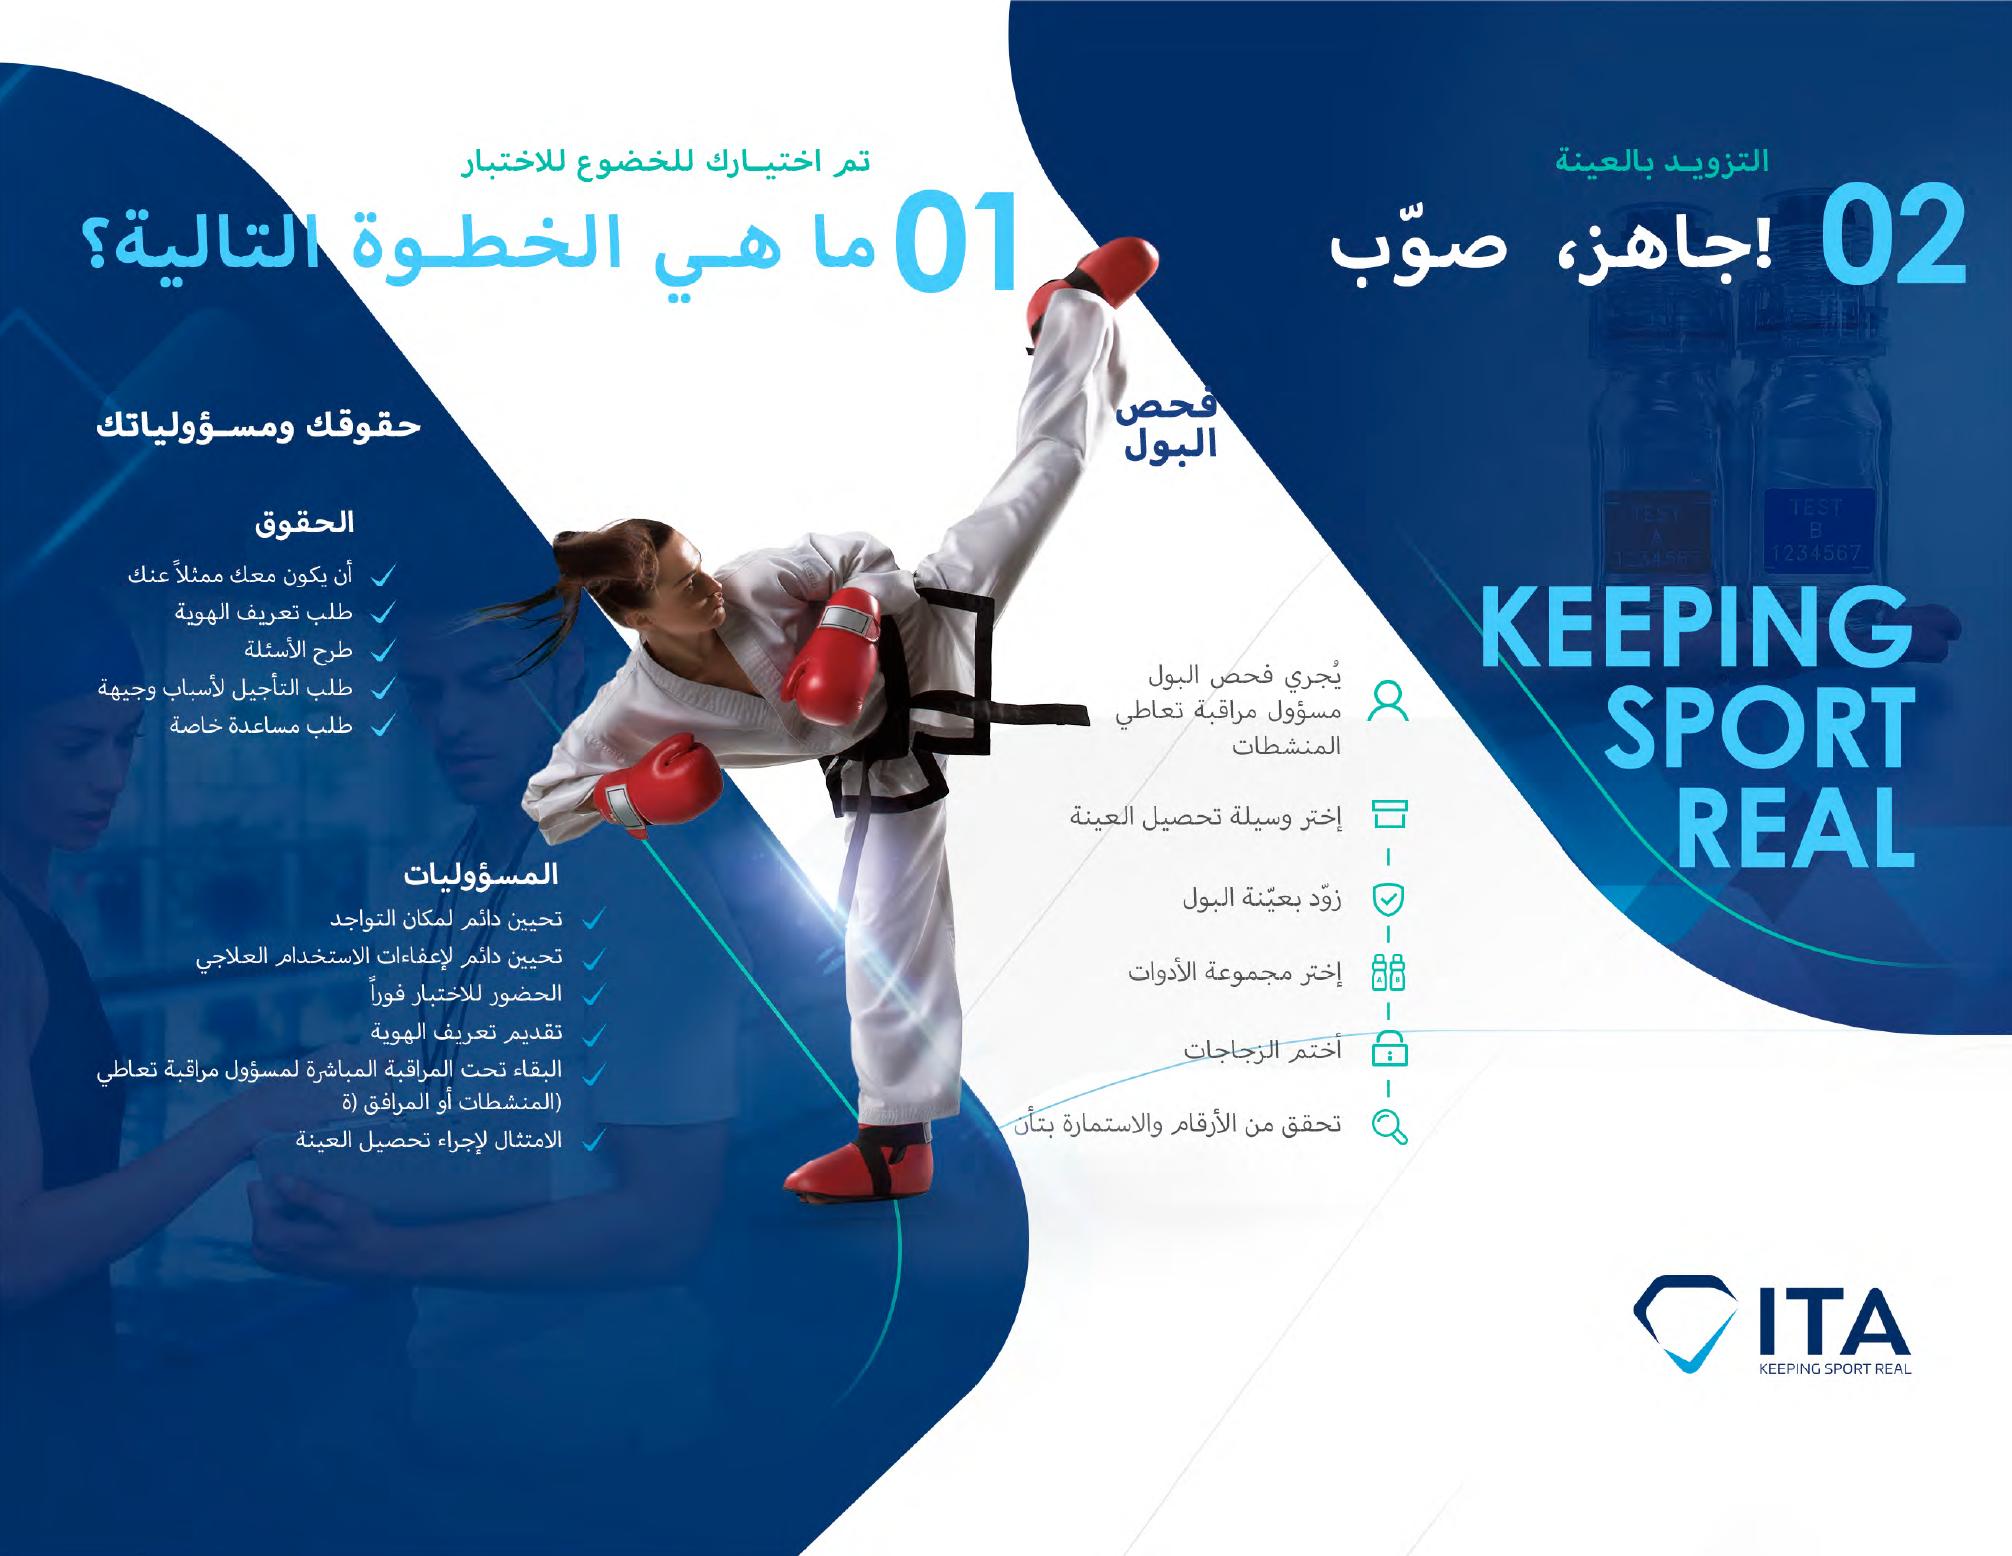 ITA - Real Sport Lab (Arabic)